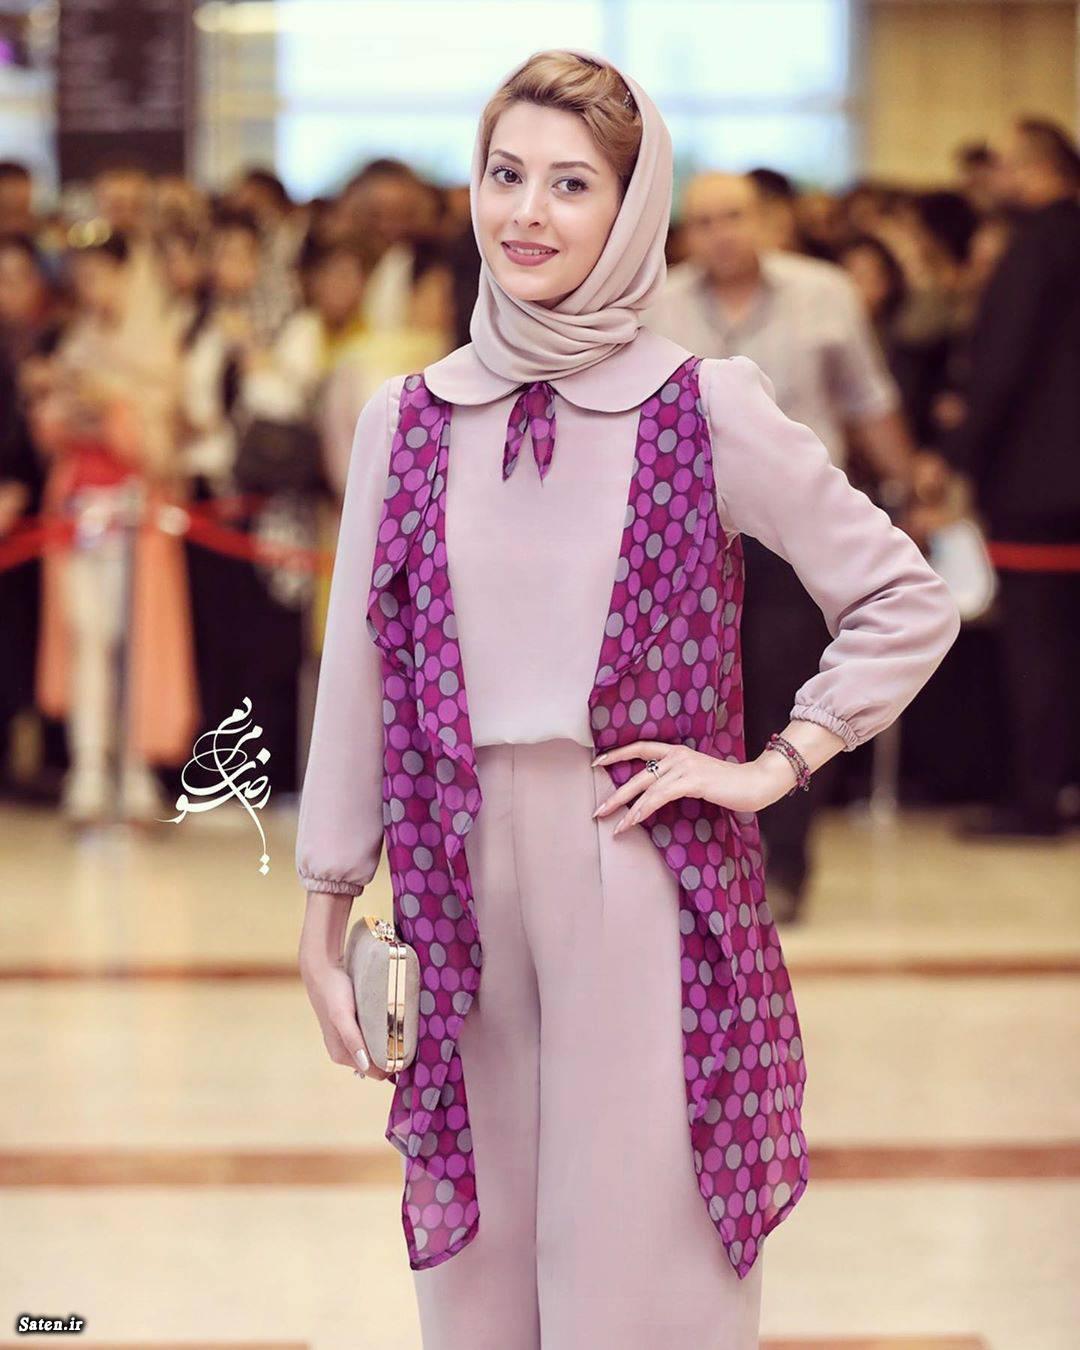 تصویر از تیپ و مدل لباس بازیگران در جشنواره حافظ ۹۸ +عکس و حواشی